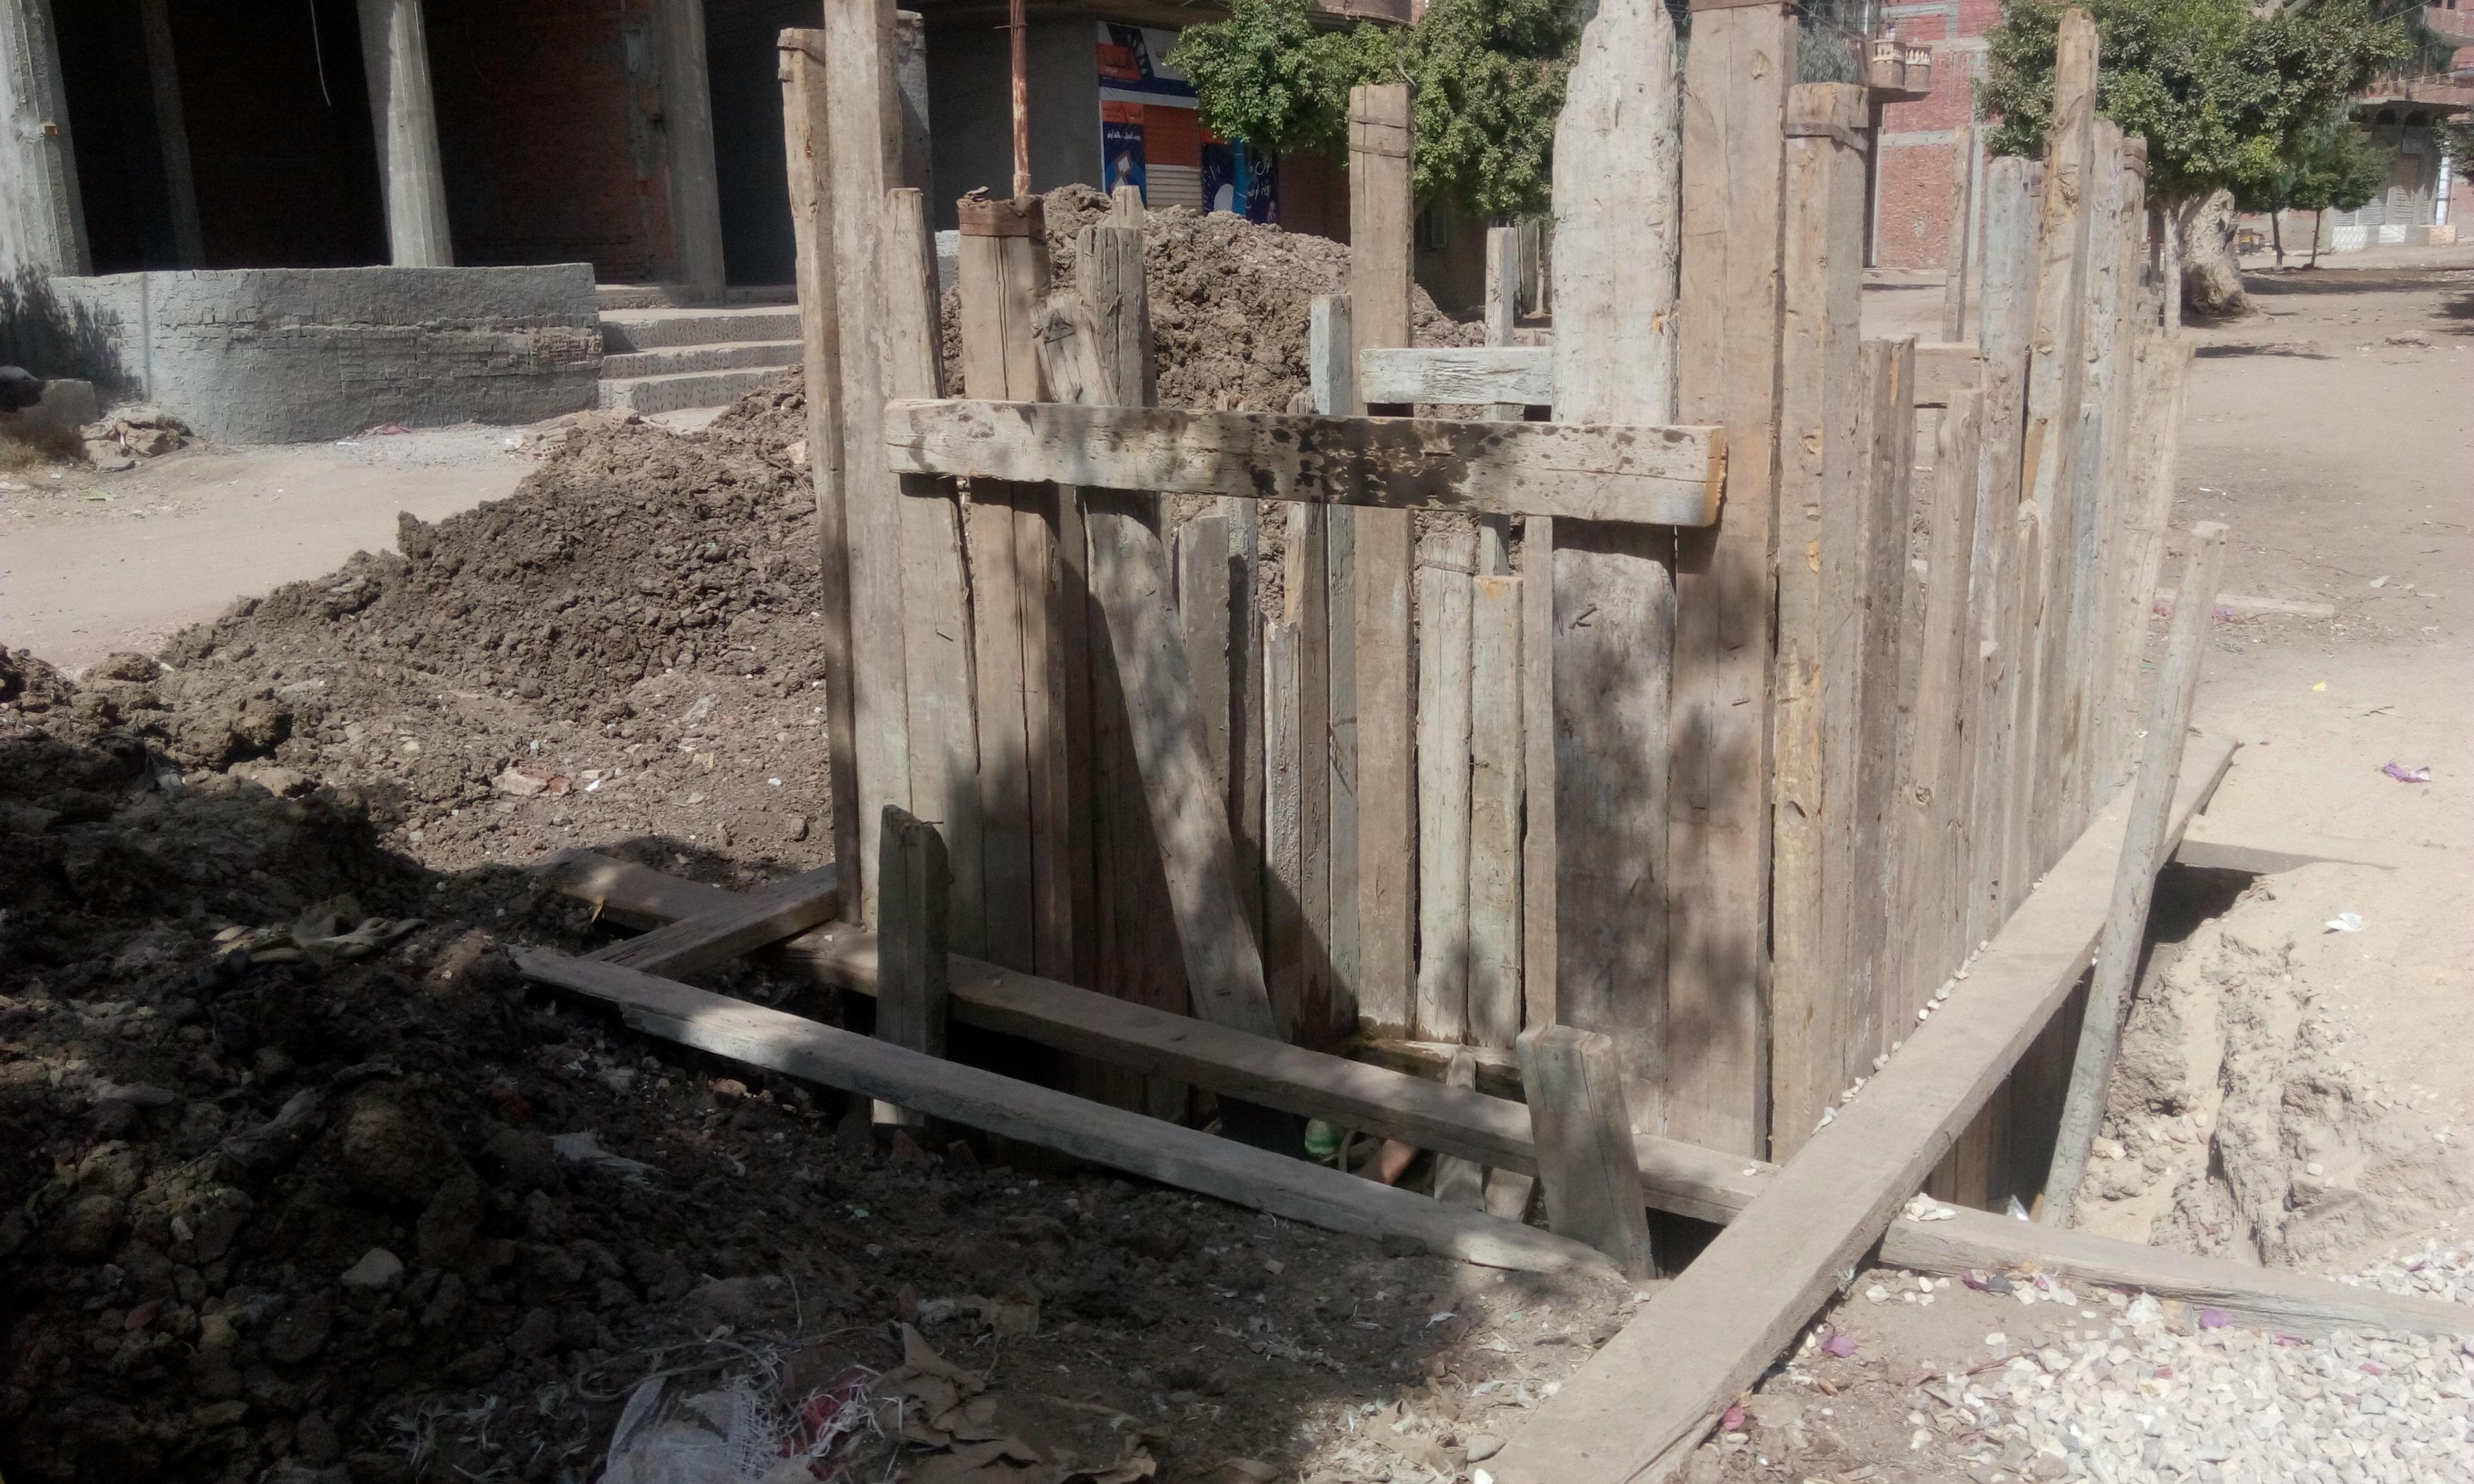 توقف العمل فى مشروع الصرف الصحى بقرية شبراملس فى الغربية (6)